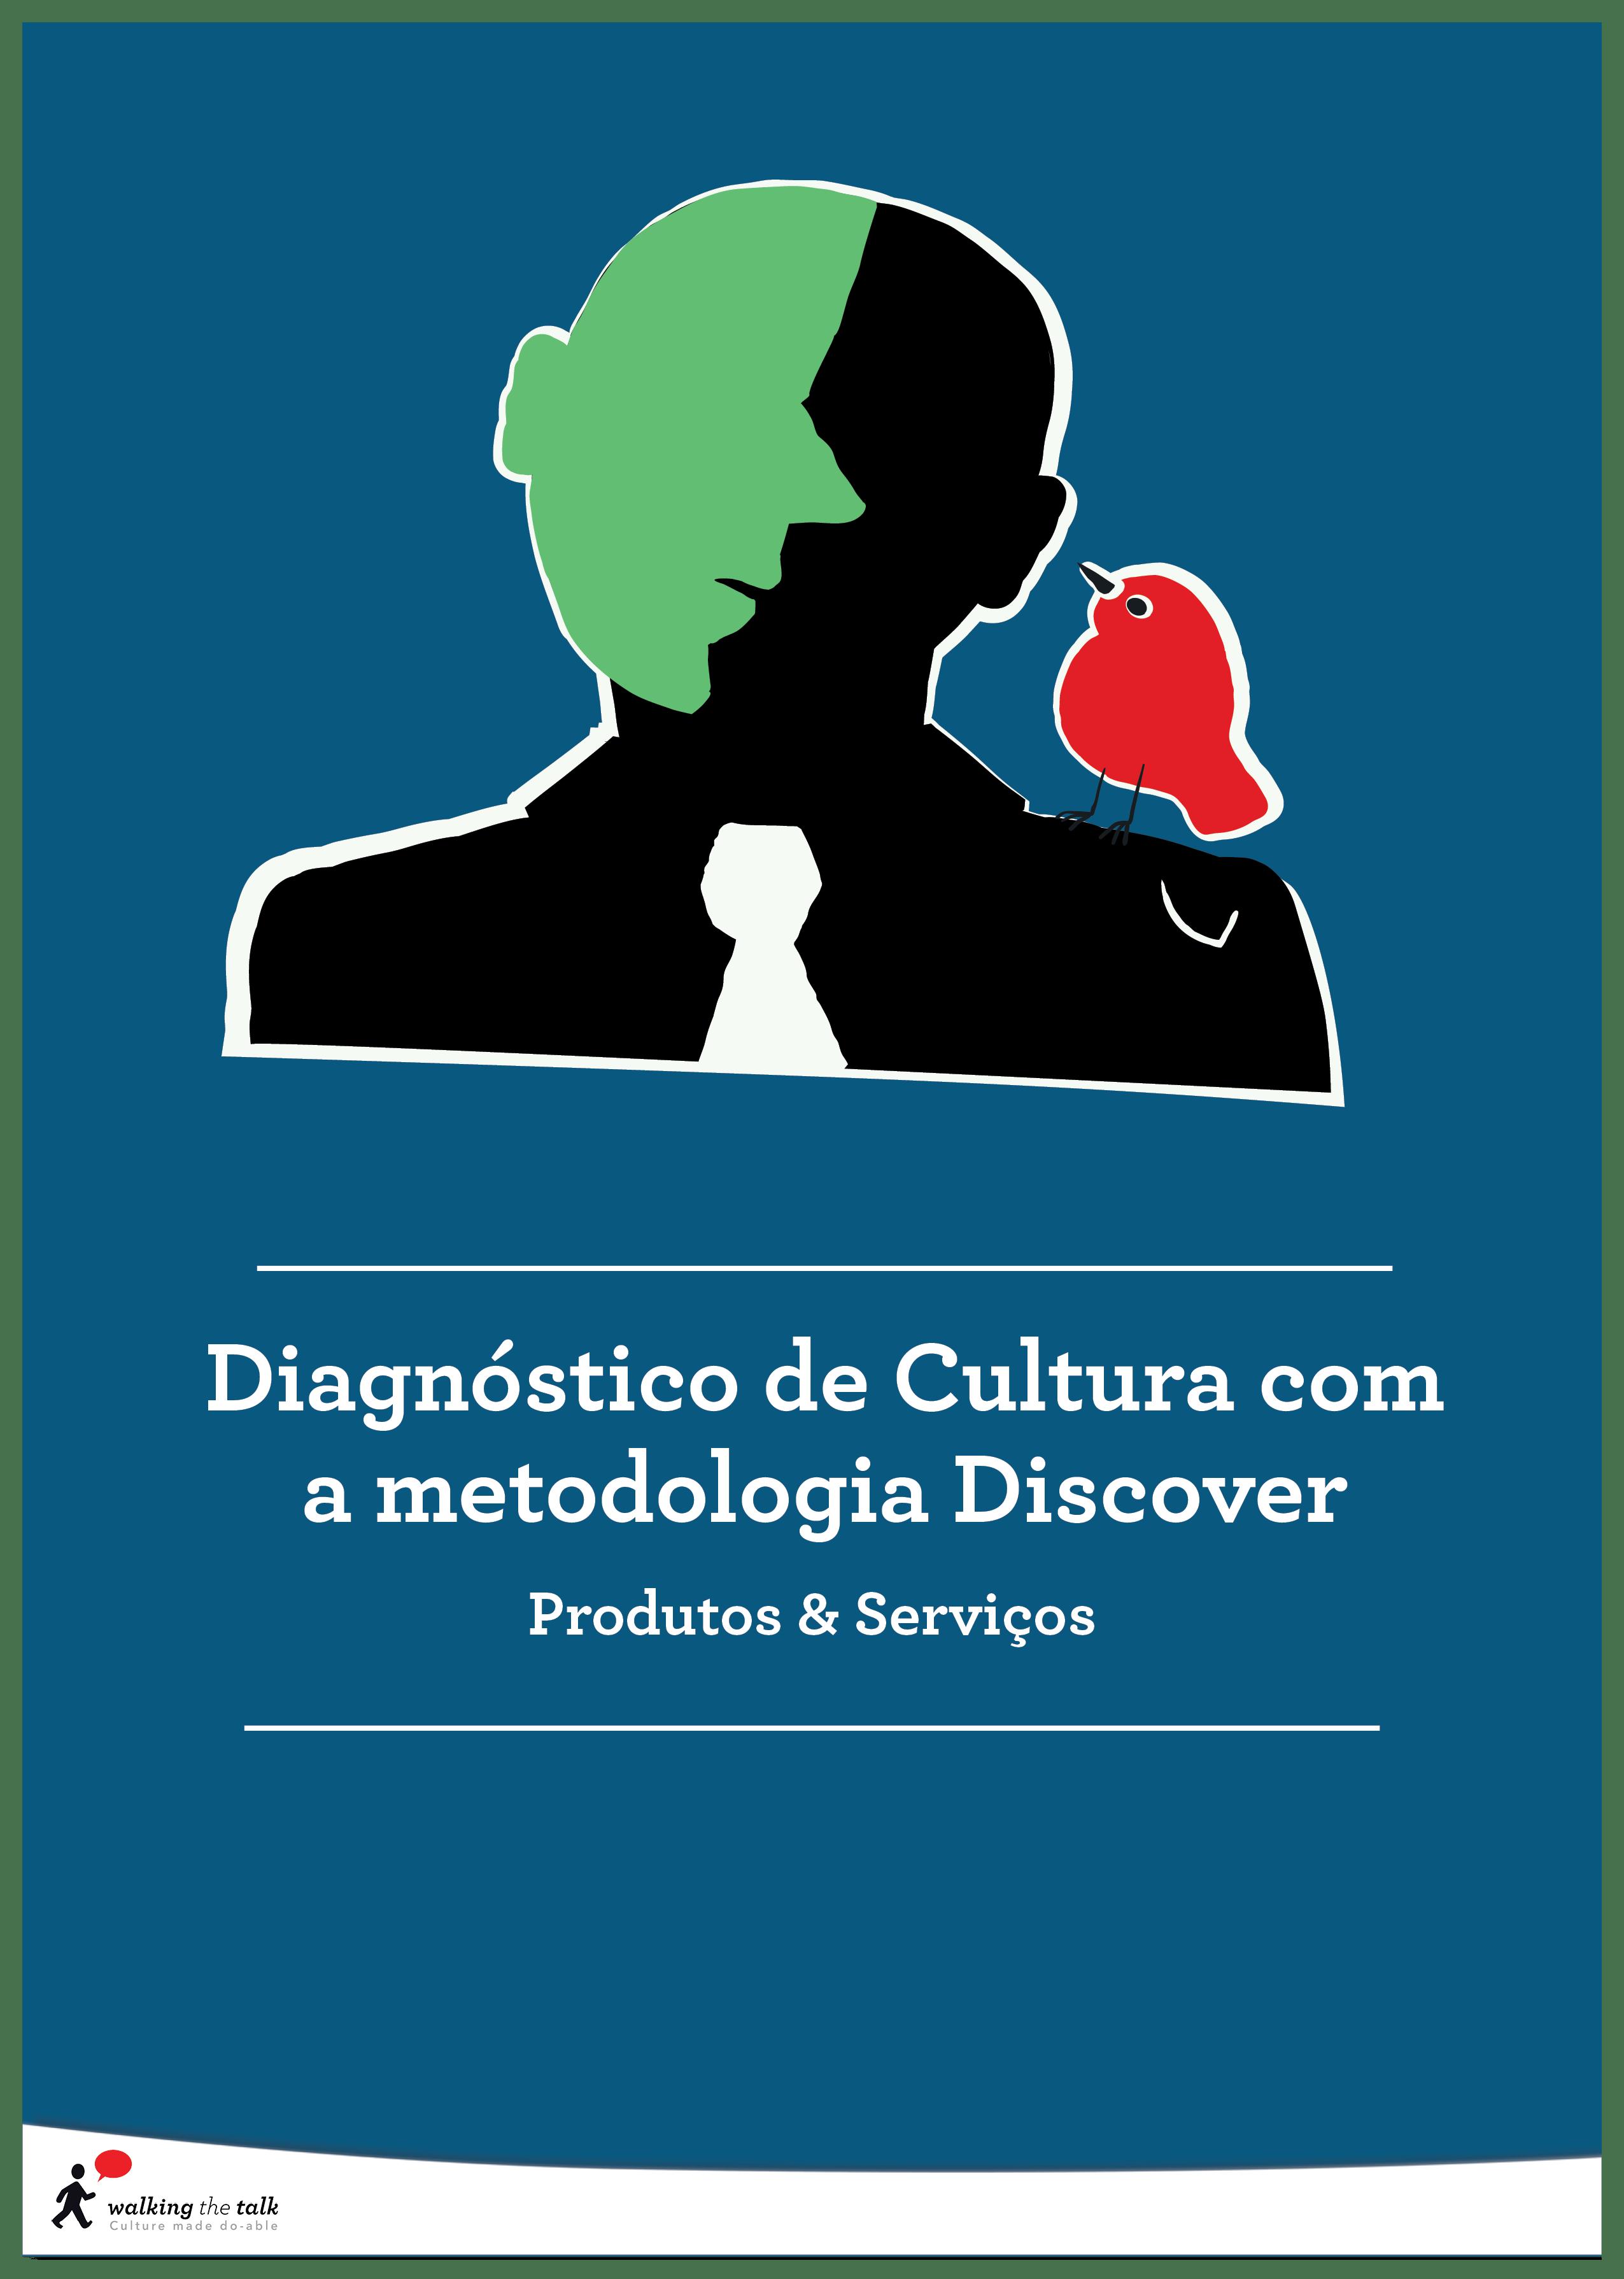 Liderando a Cultura | Produtos